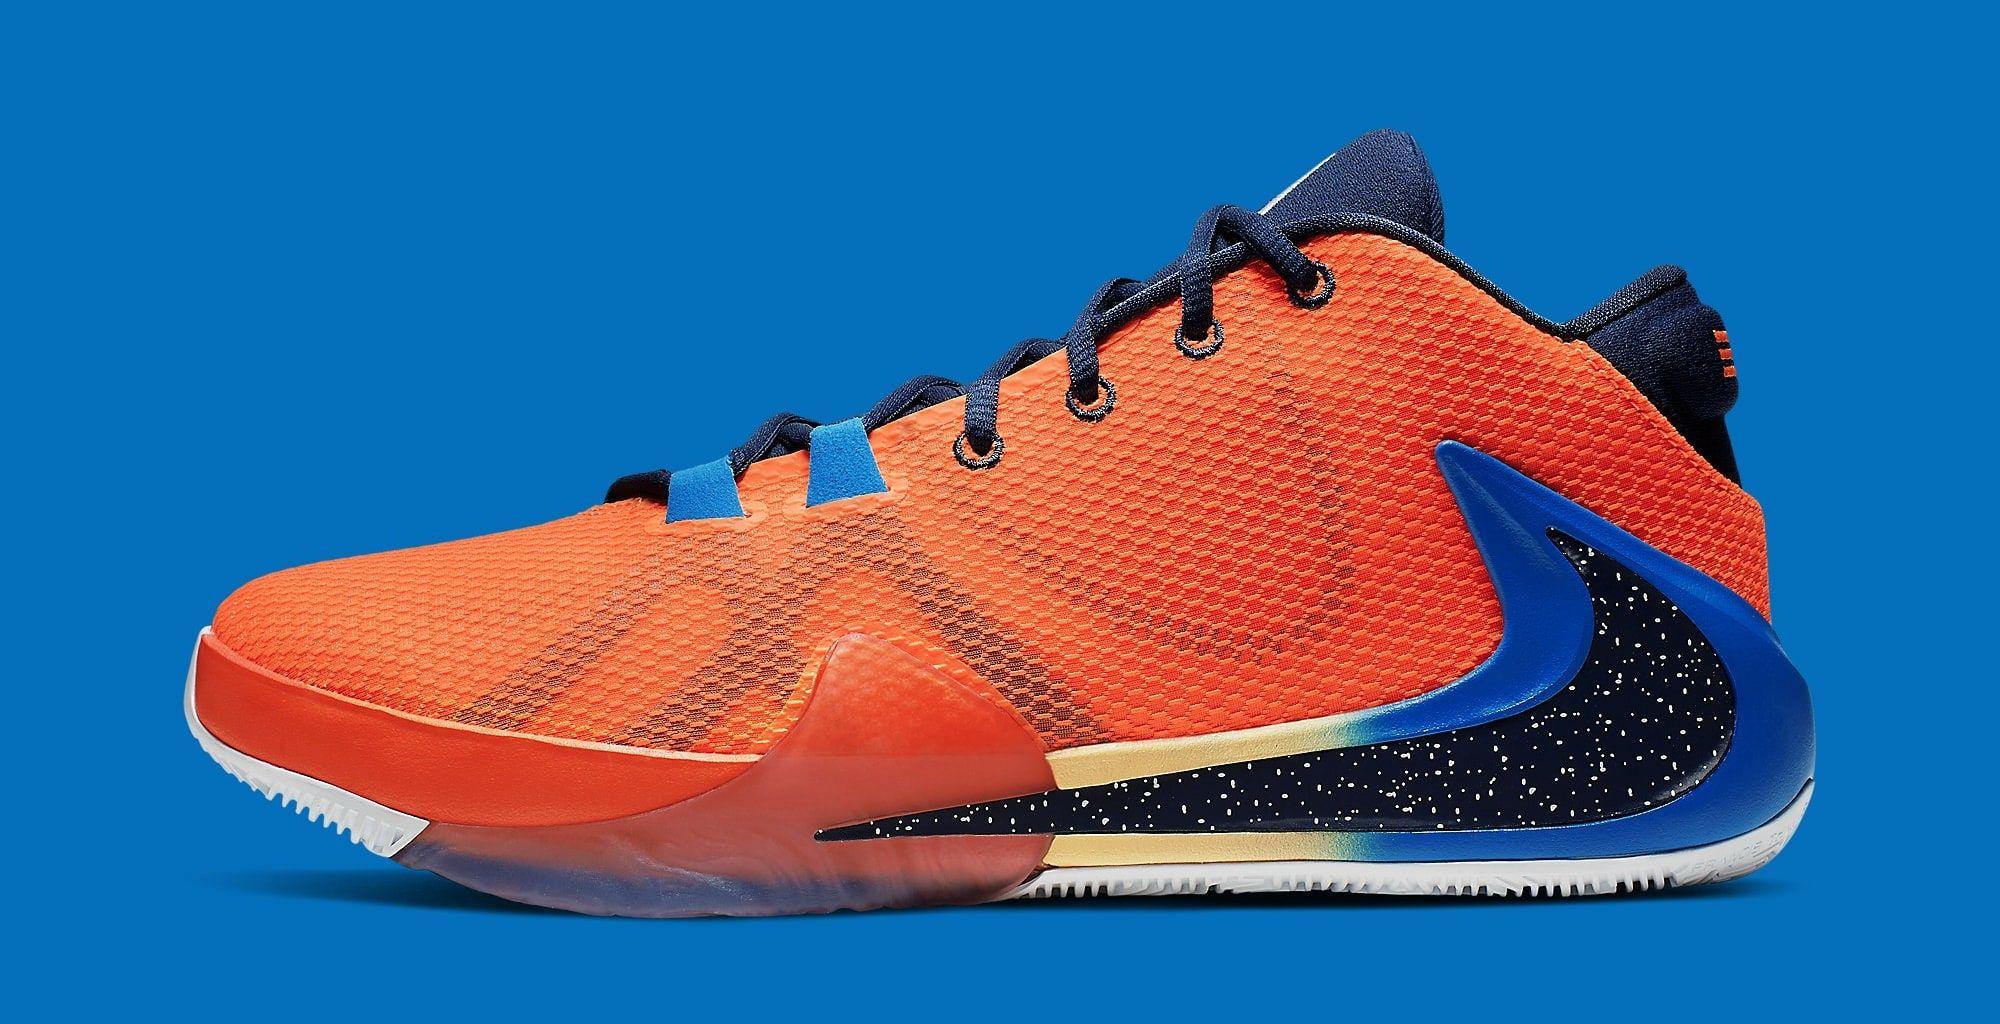 Nike Zoom Freak 1 BQ5422-800 (Lateral) | Nike, Nike zoom ...